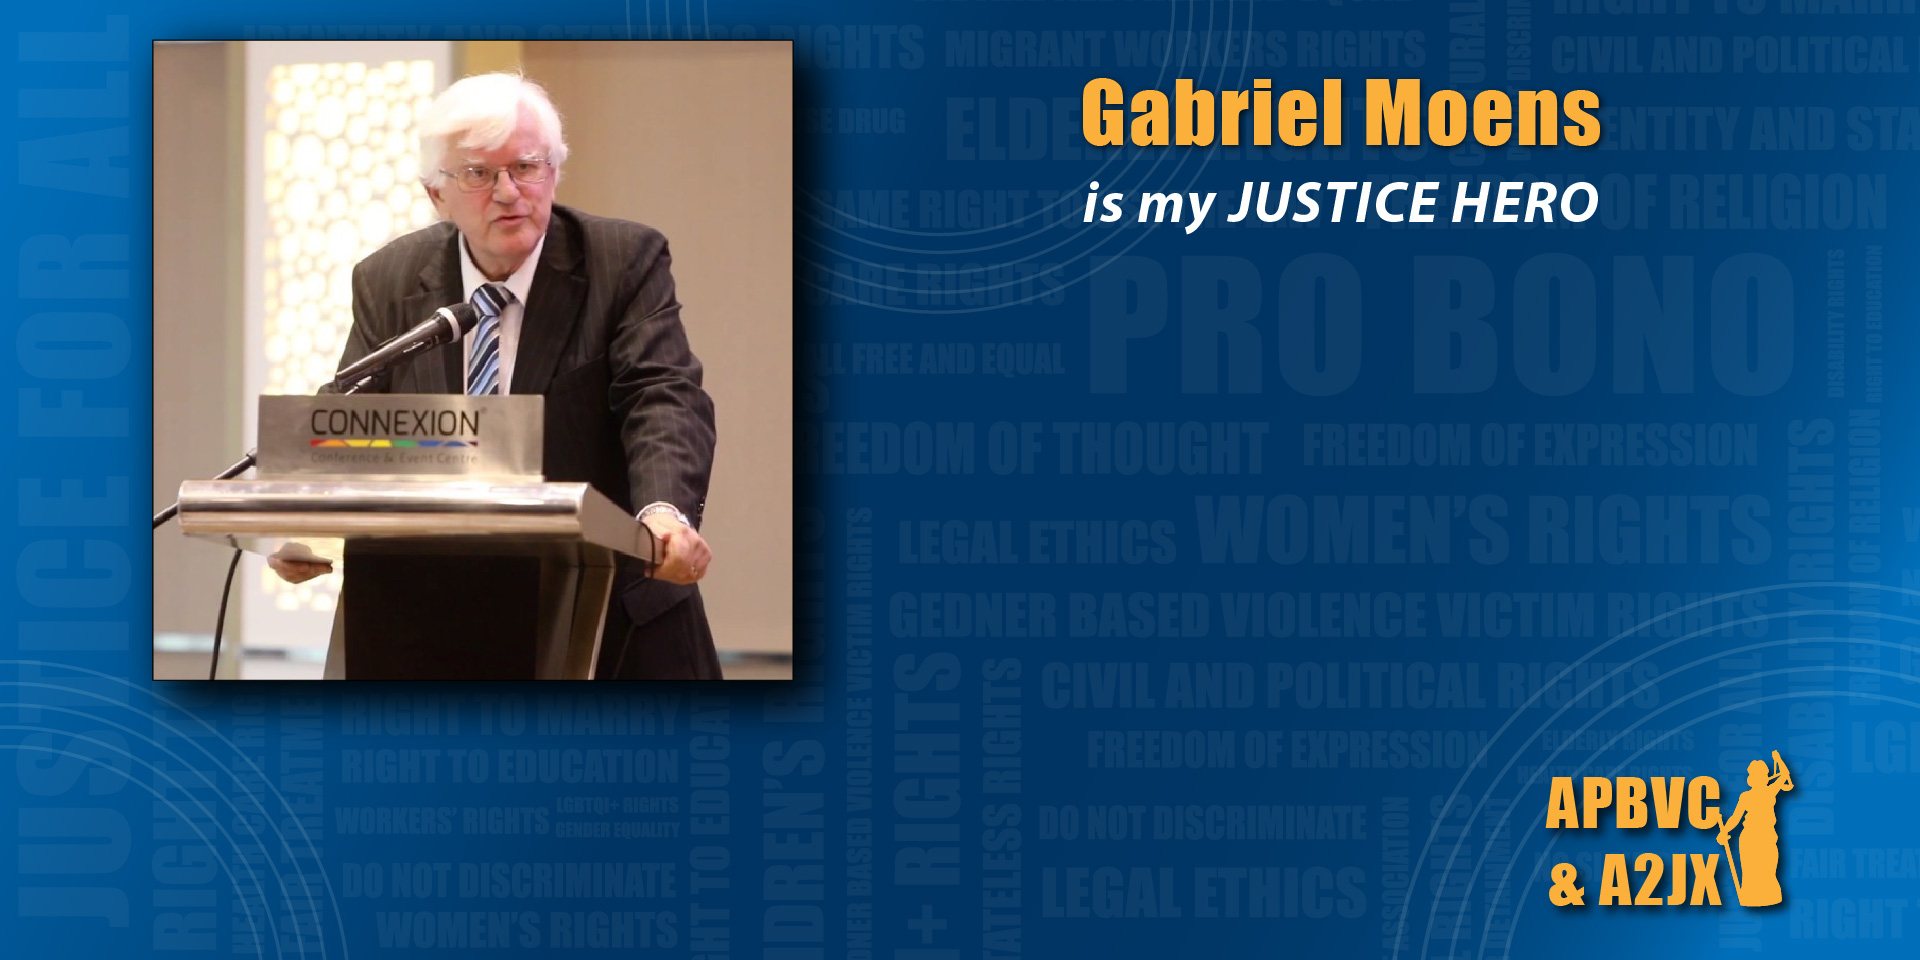 Gabriel Moens